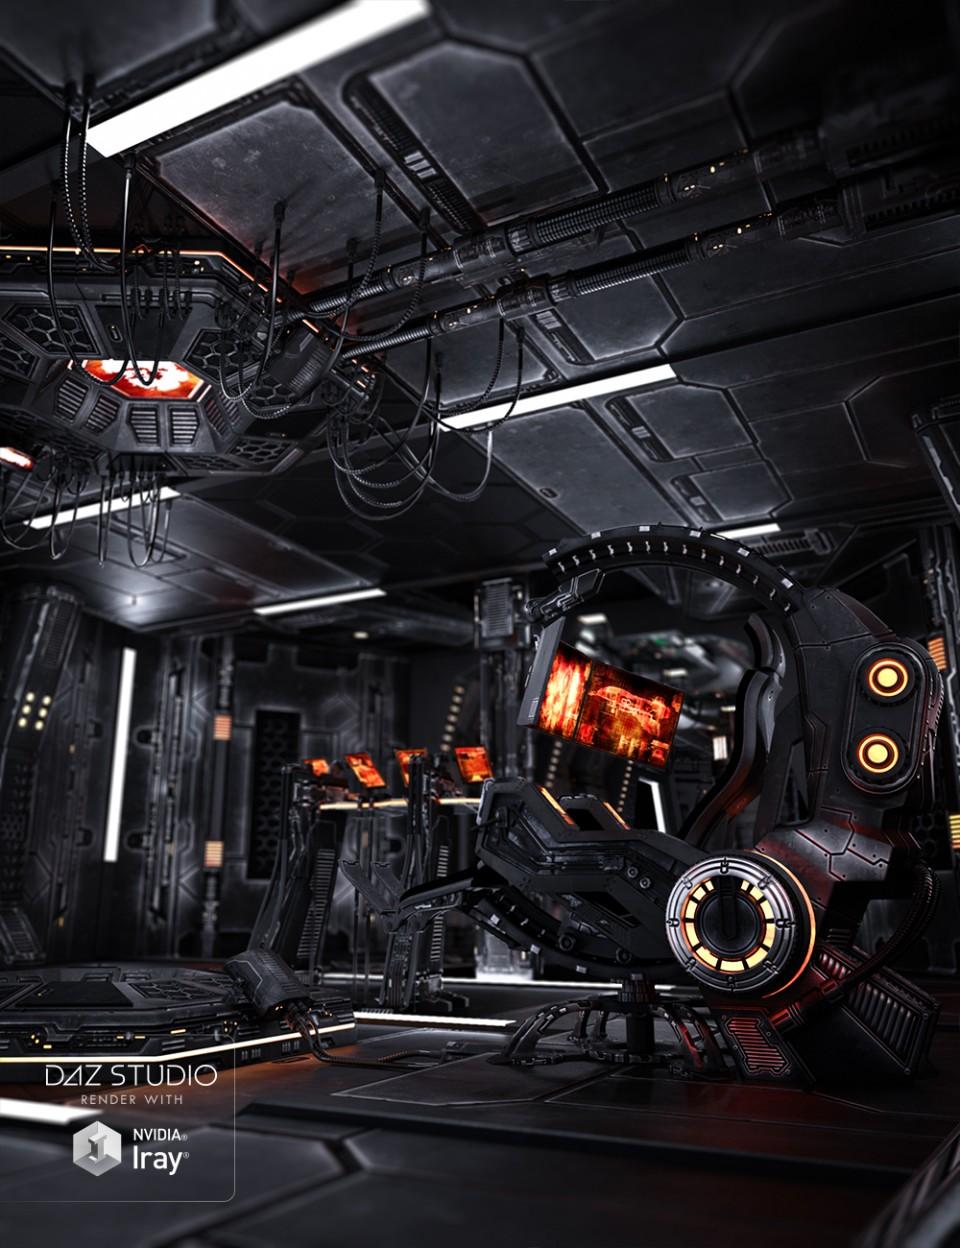 Marcoor Control Room Aged_DAZ3D下载站